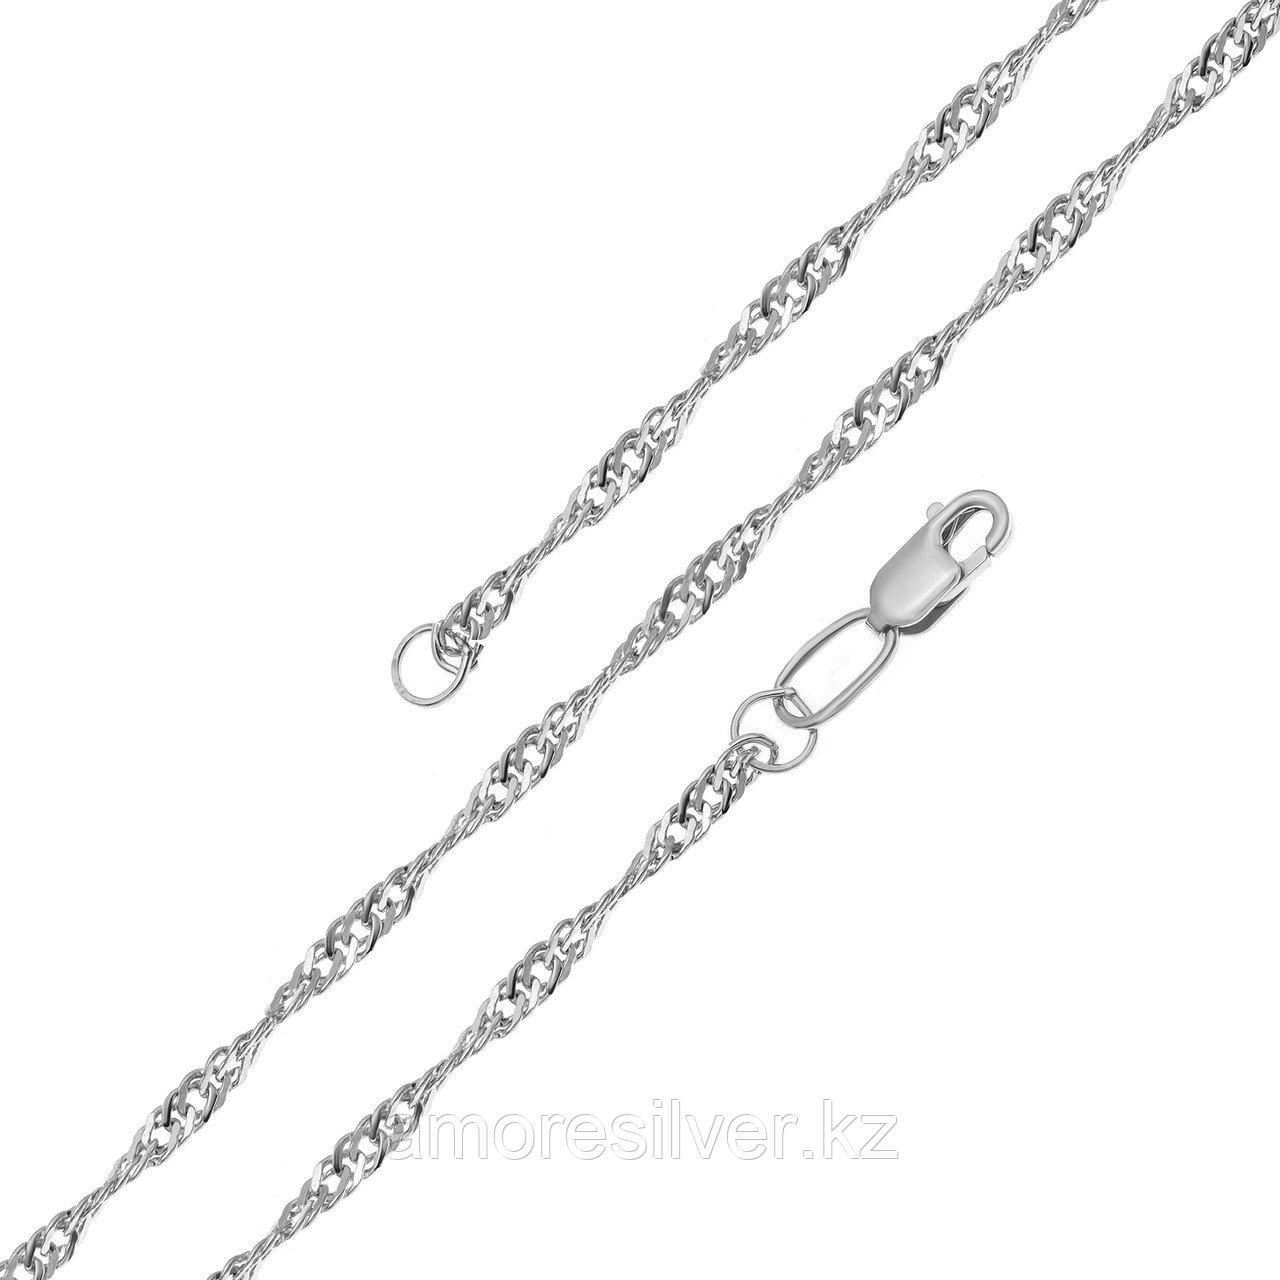 серебро с родием, без вставок, сингапур 81050022745 размеры - 45